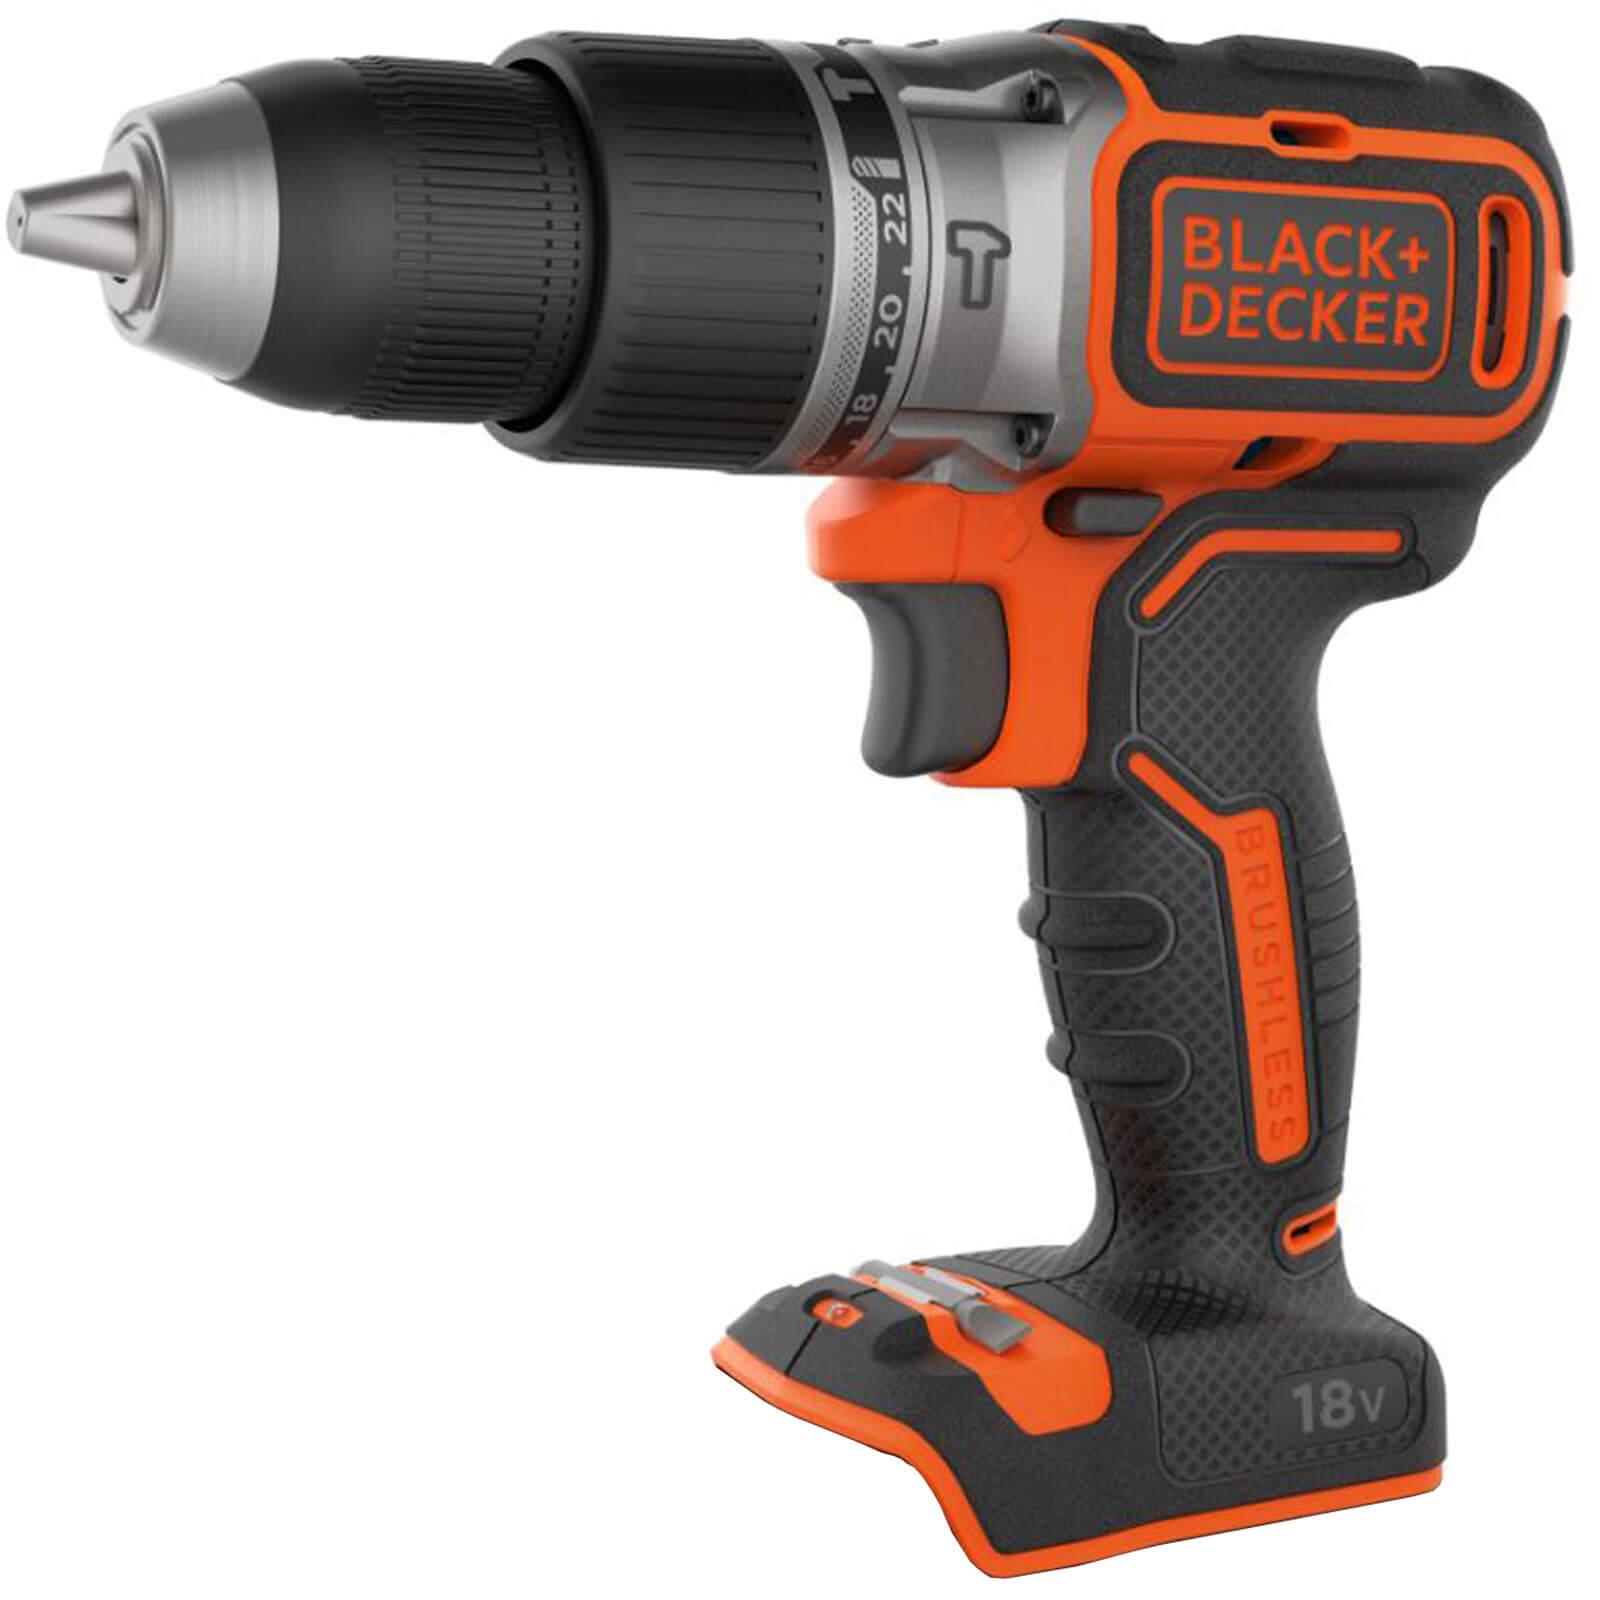 Black & Decker BL188 18v Cordless Combi Drill No Batteries No Charger No Case